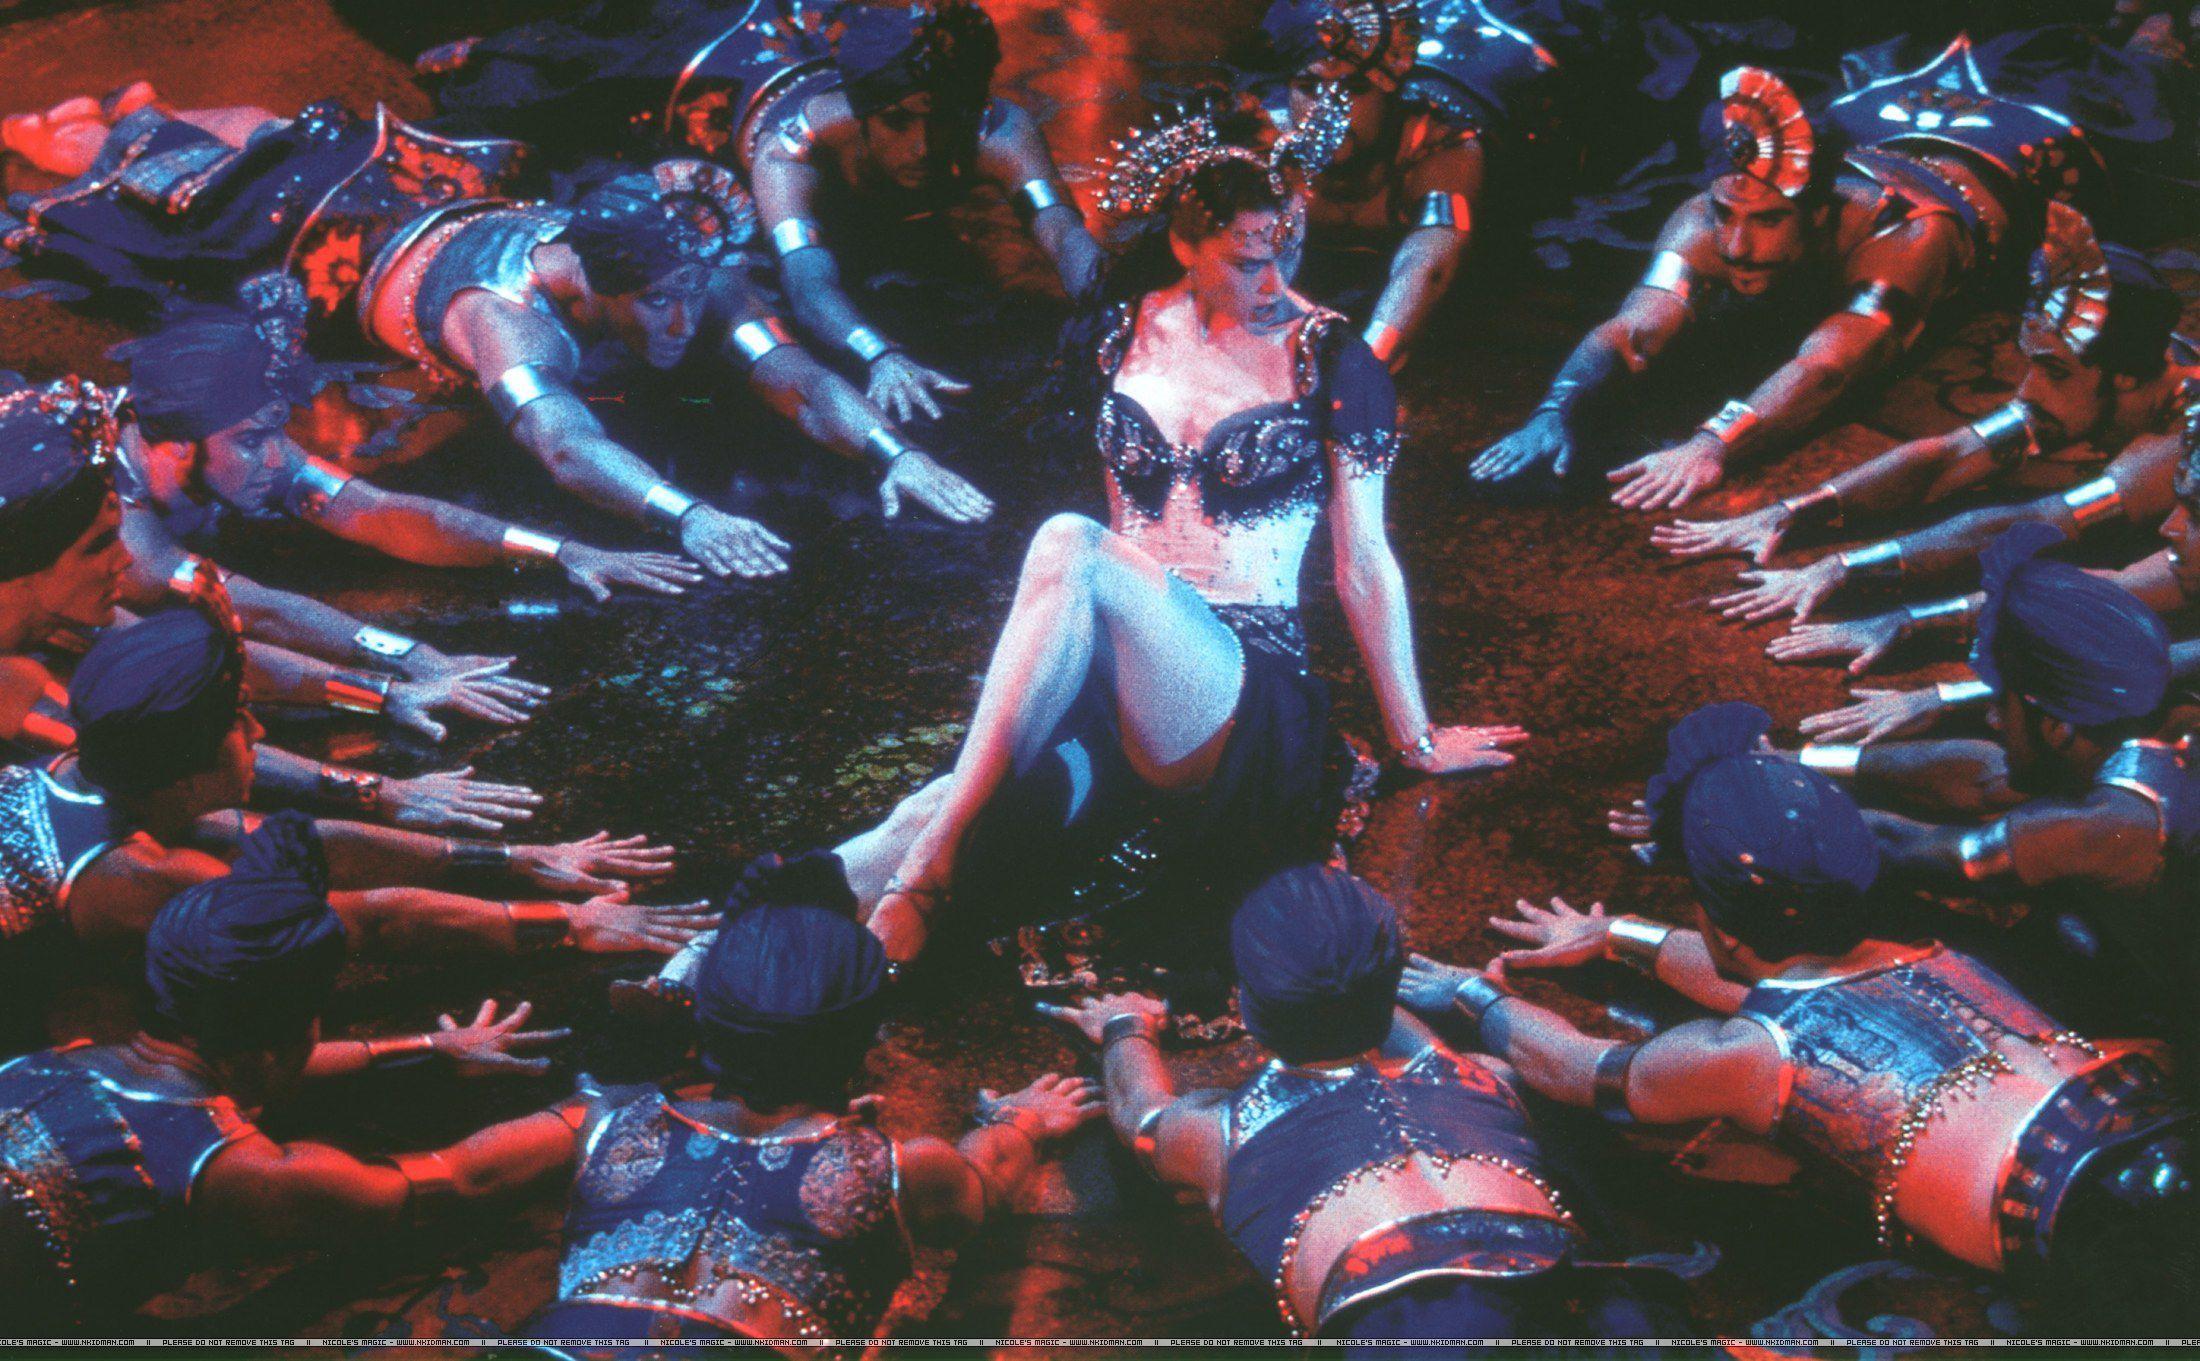 Moulin Rouge! 2001  IMDb